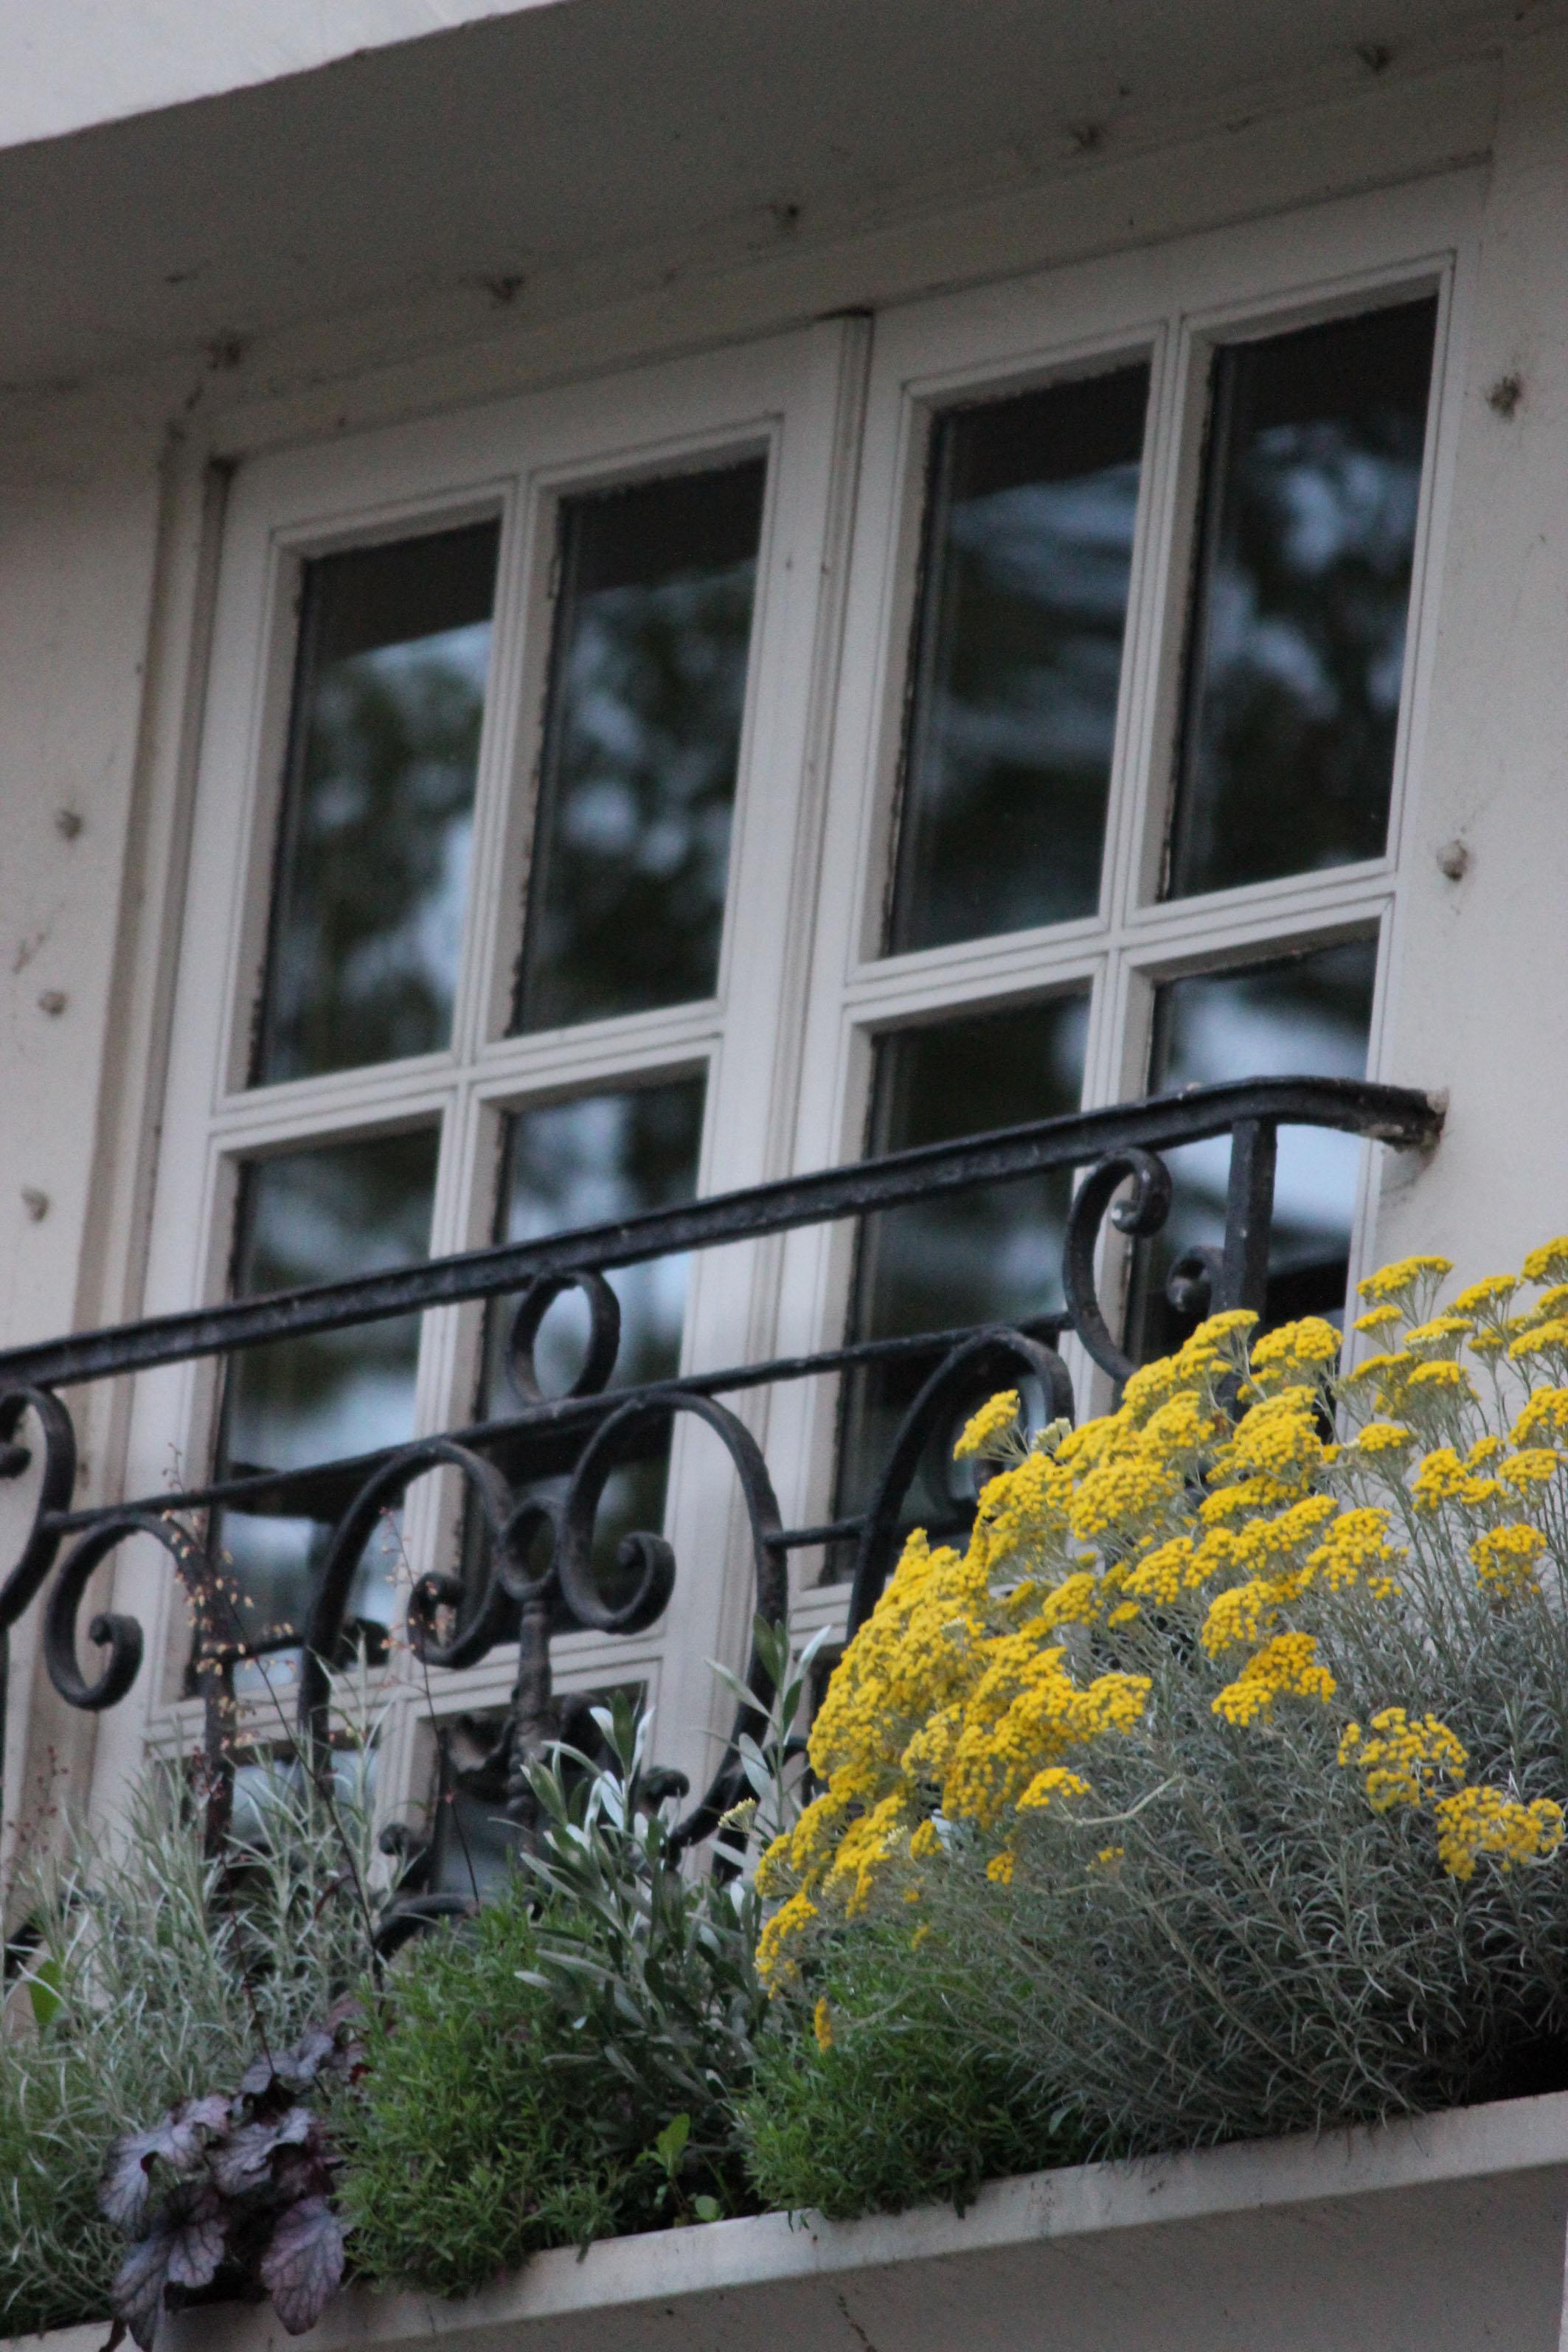 Photographie - Paris - Fenêtre sur rue fleurie sur l'île Saint Louis - Violaine Martin Créations - Design textile - tissage jacquards, unis et velours - aquarelles botaniques - Hauts-de-France